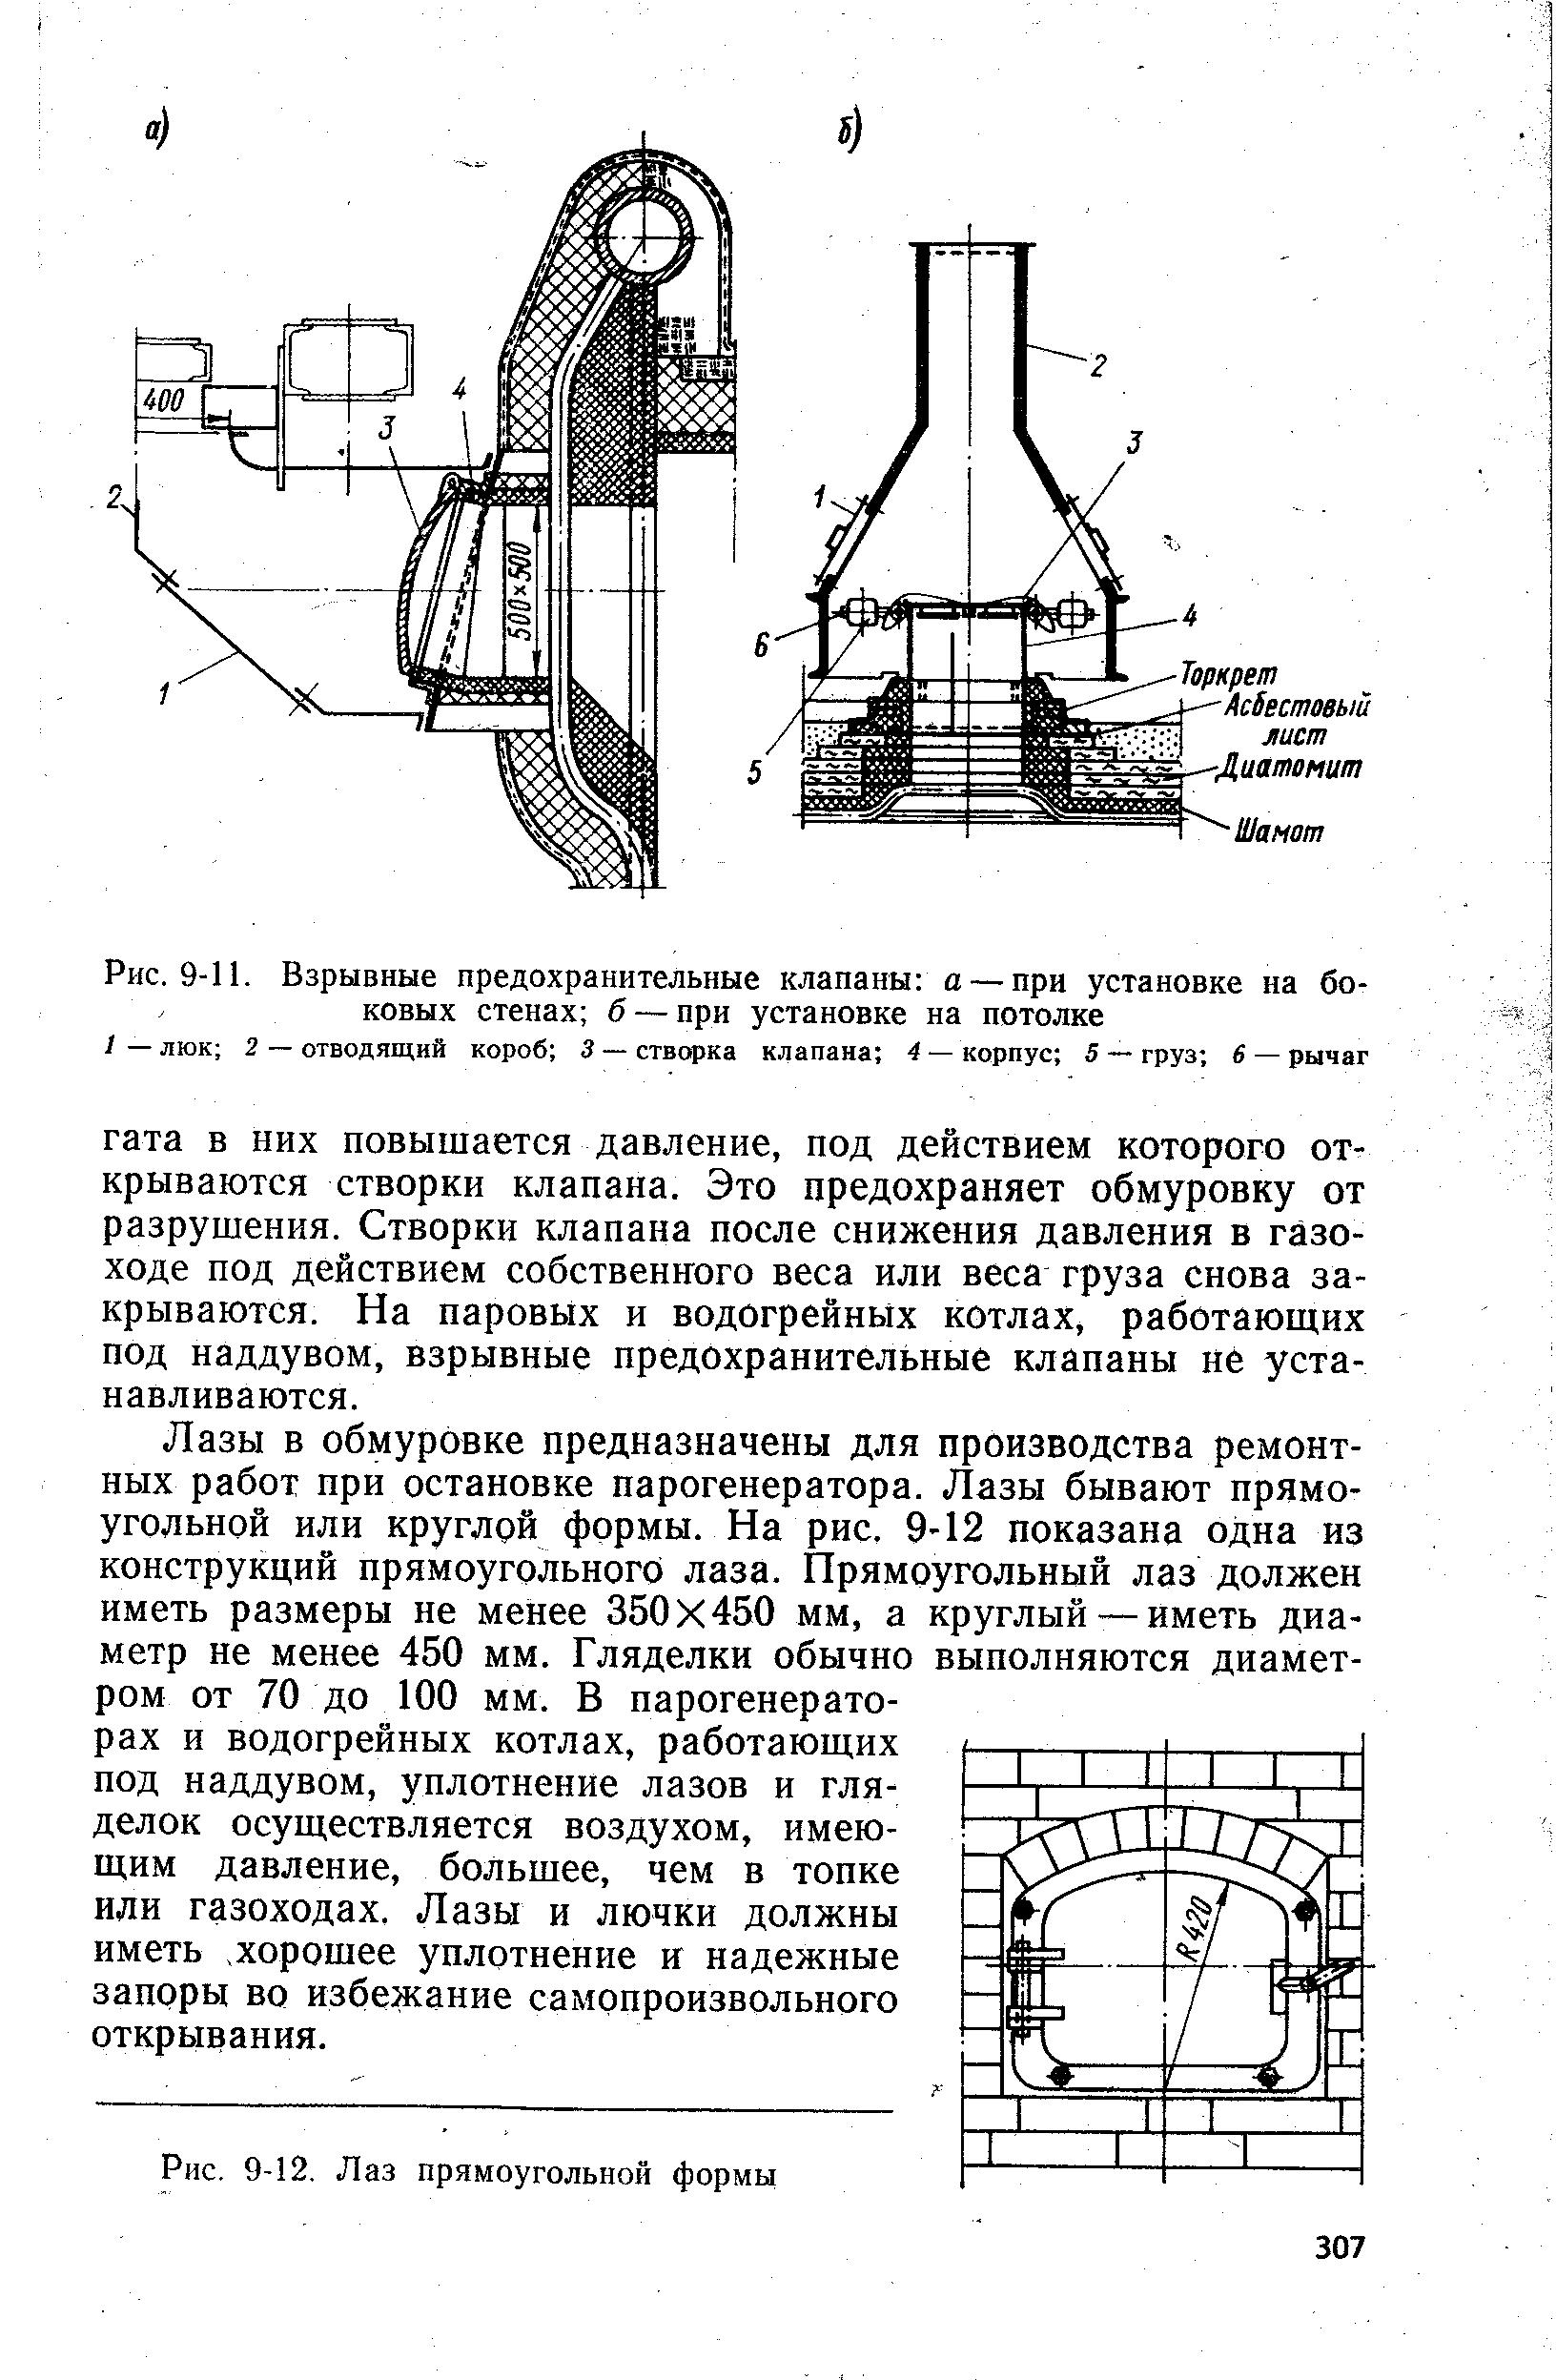 Запорный клапан дымовых газов для котла G234-60